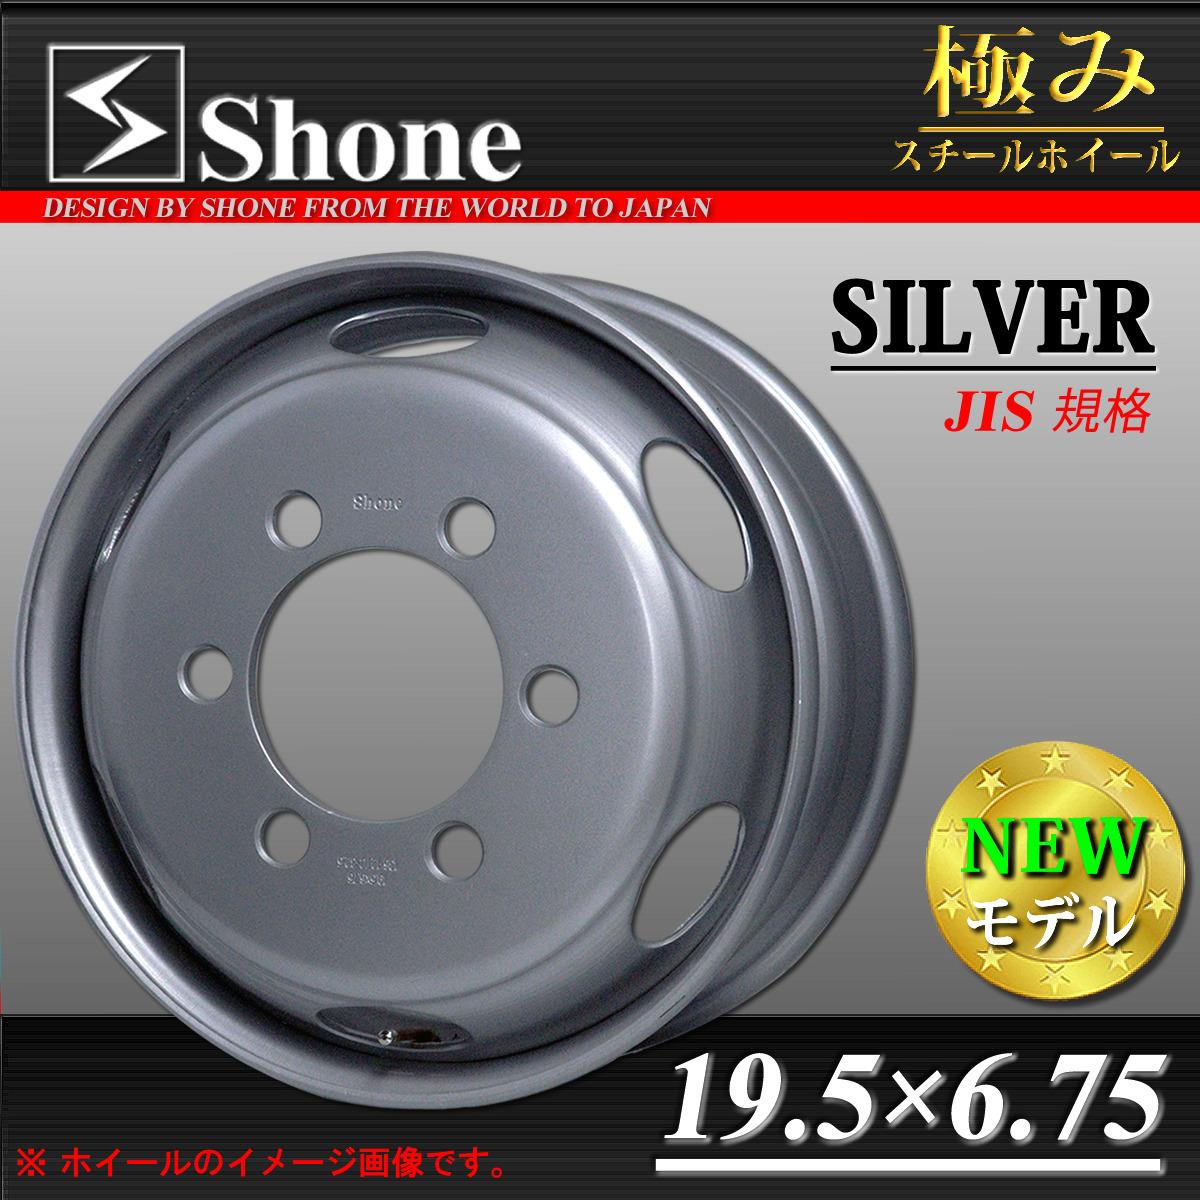 増トン車用スチールホイール 19.5×6.75 オフセット+136 6穴 1本価格 JIS規格 SHONE製NEWモデル